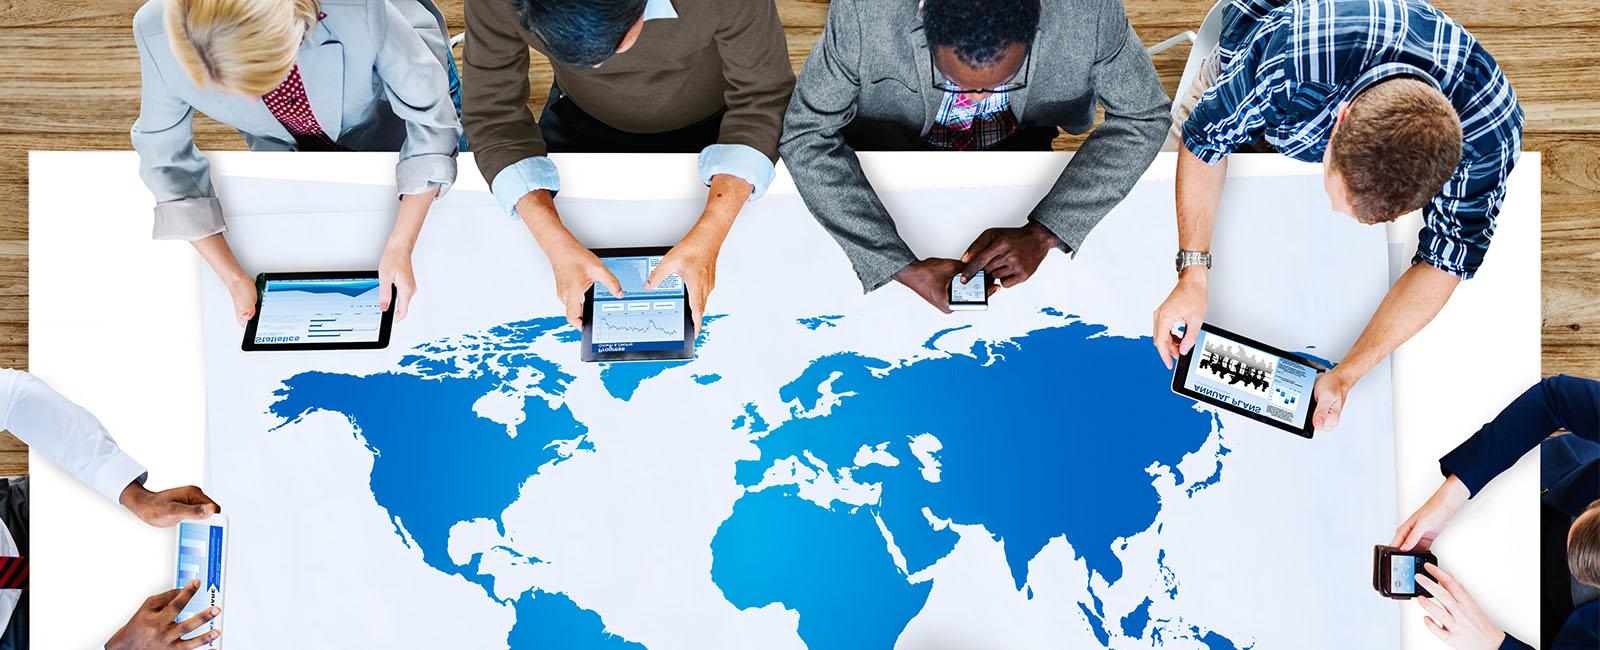 Internationaler Zahlungsverkehr